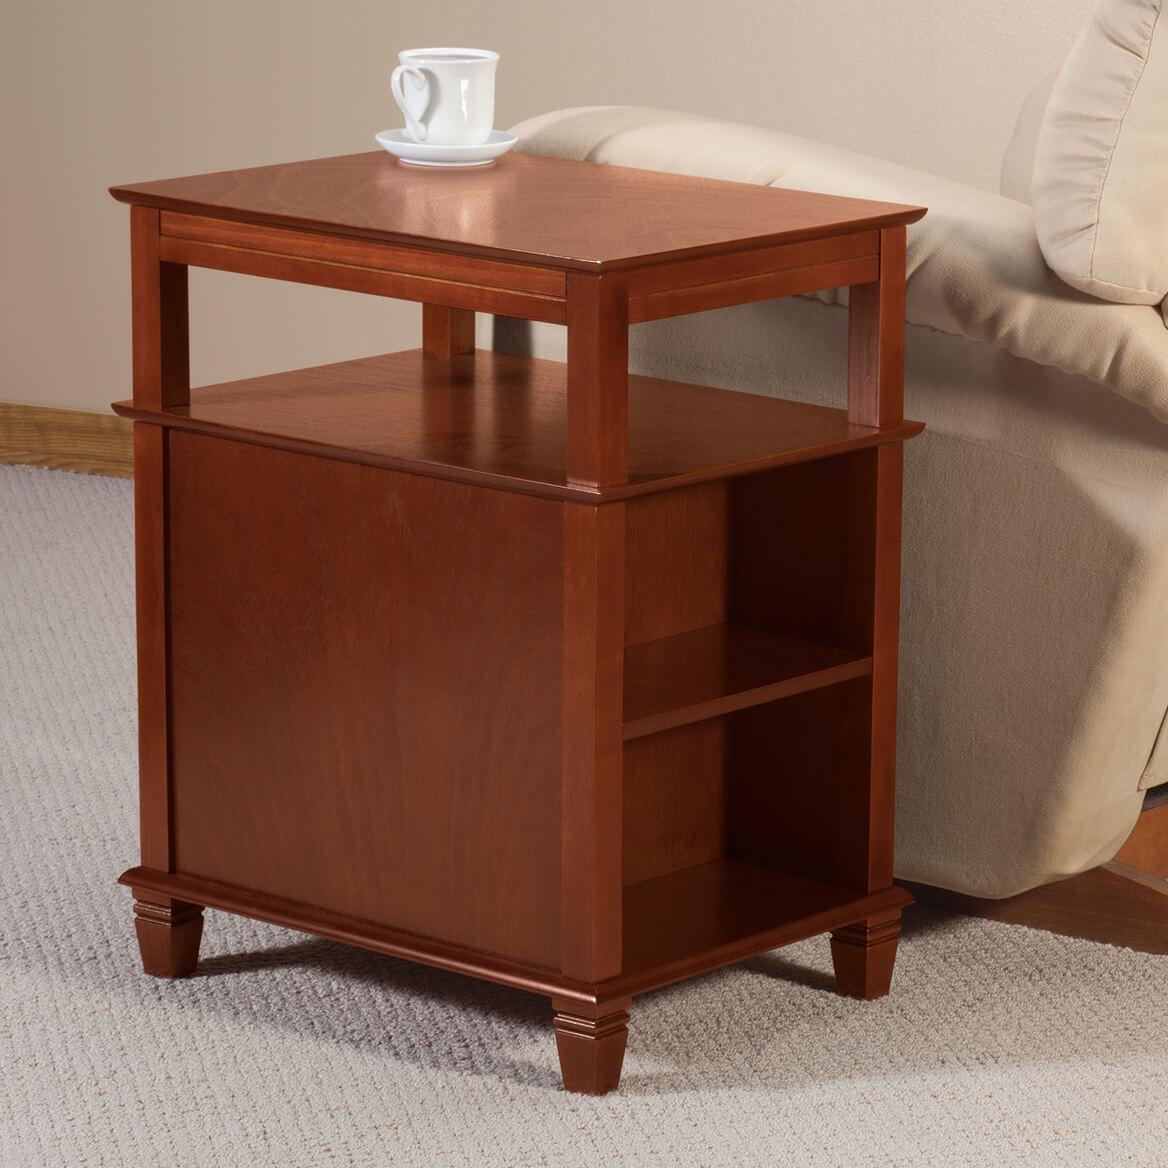 Appleton Recliner Table by OakRidge™        XL-361760